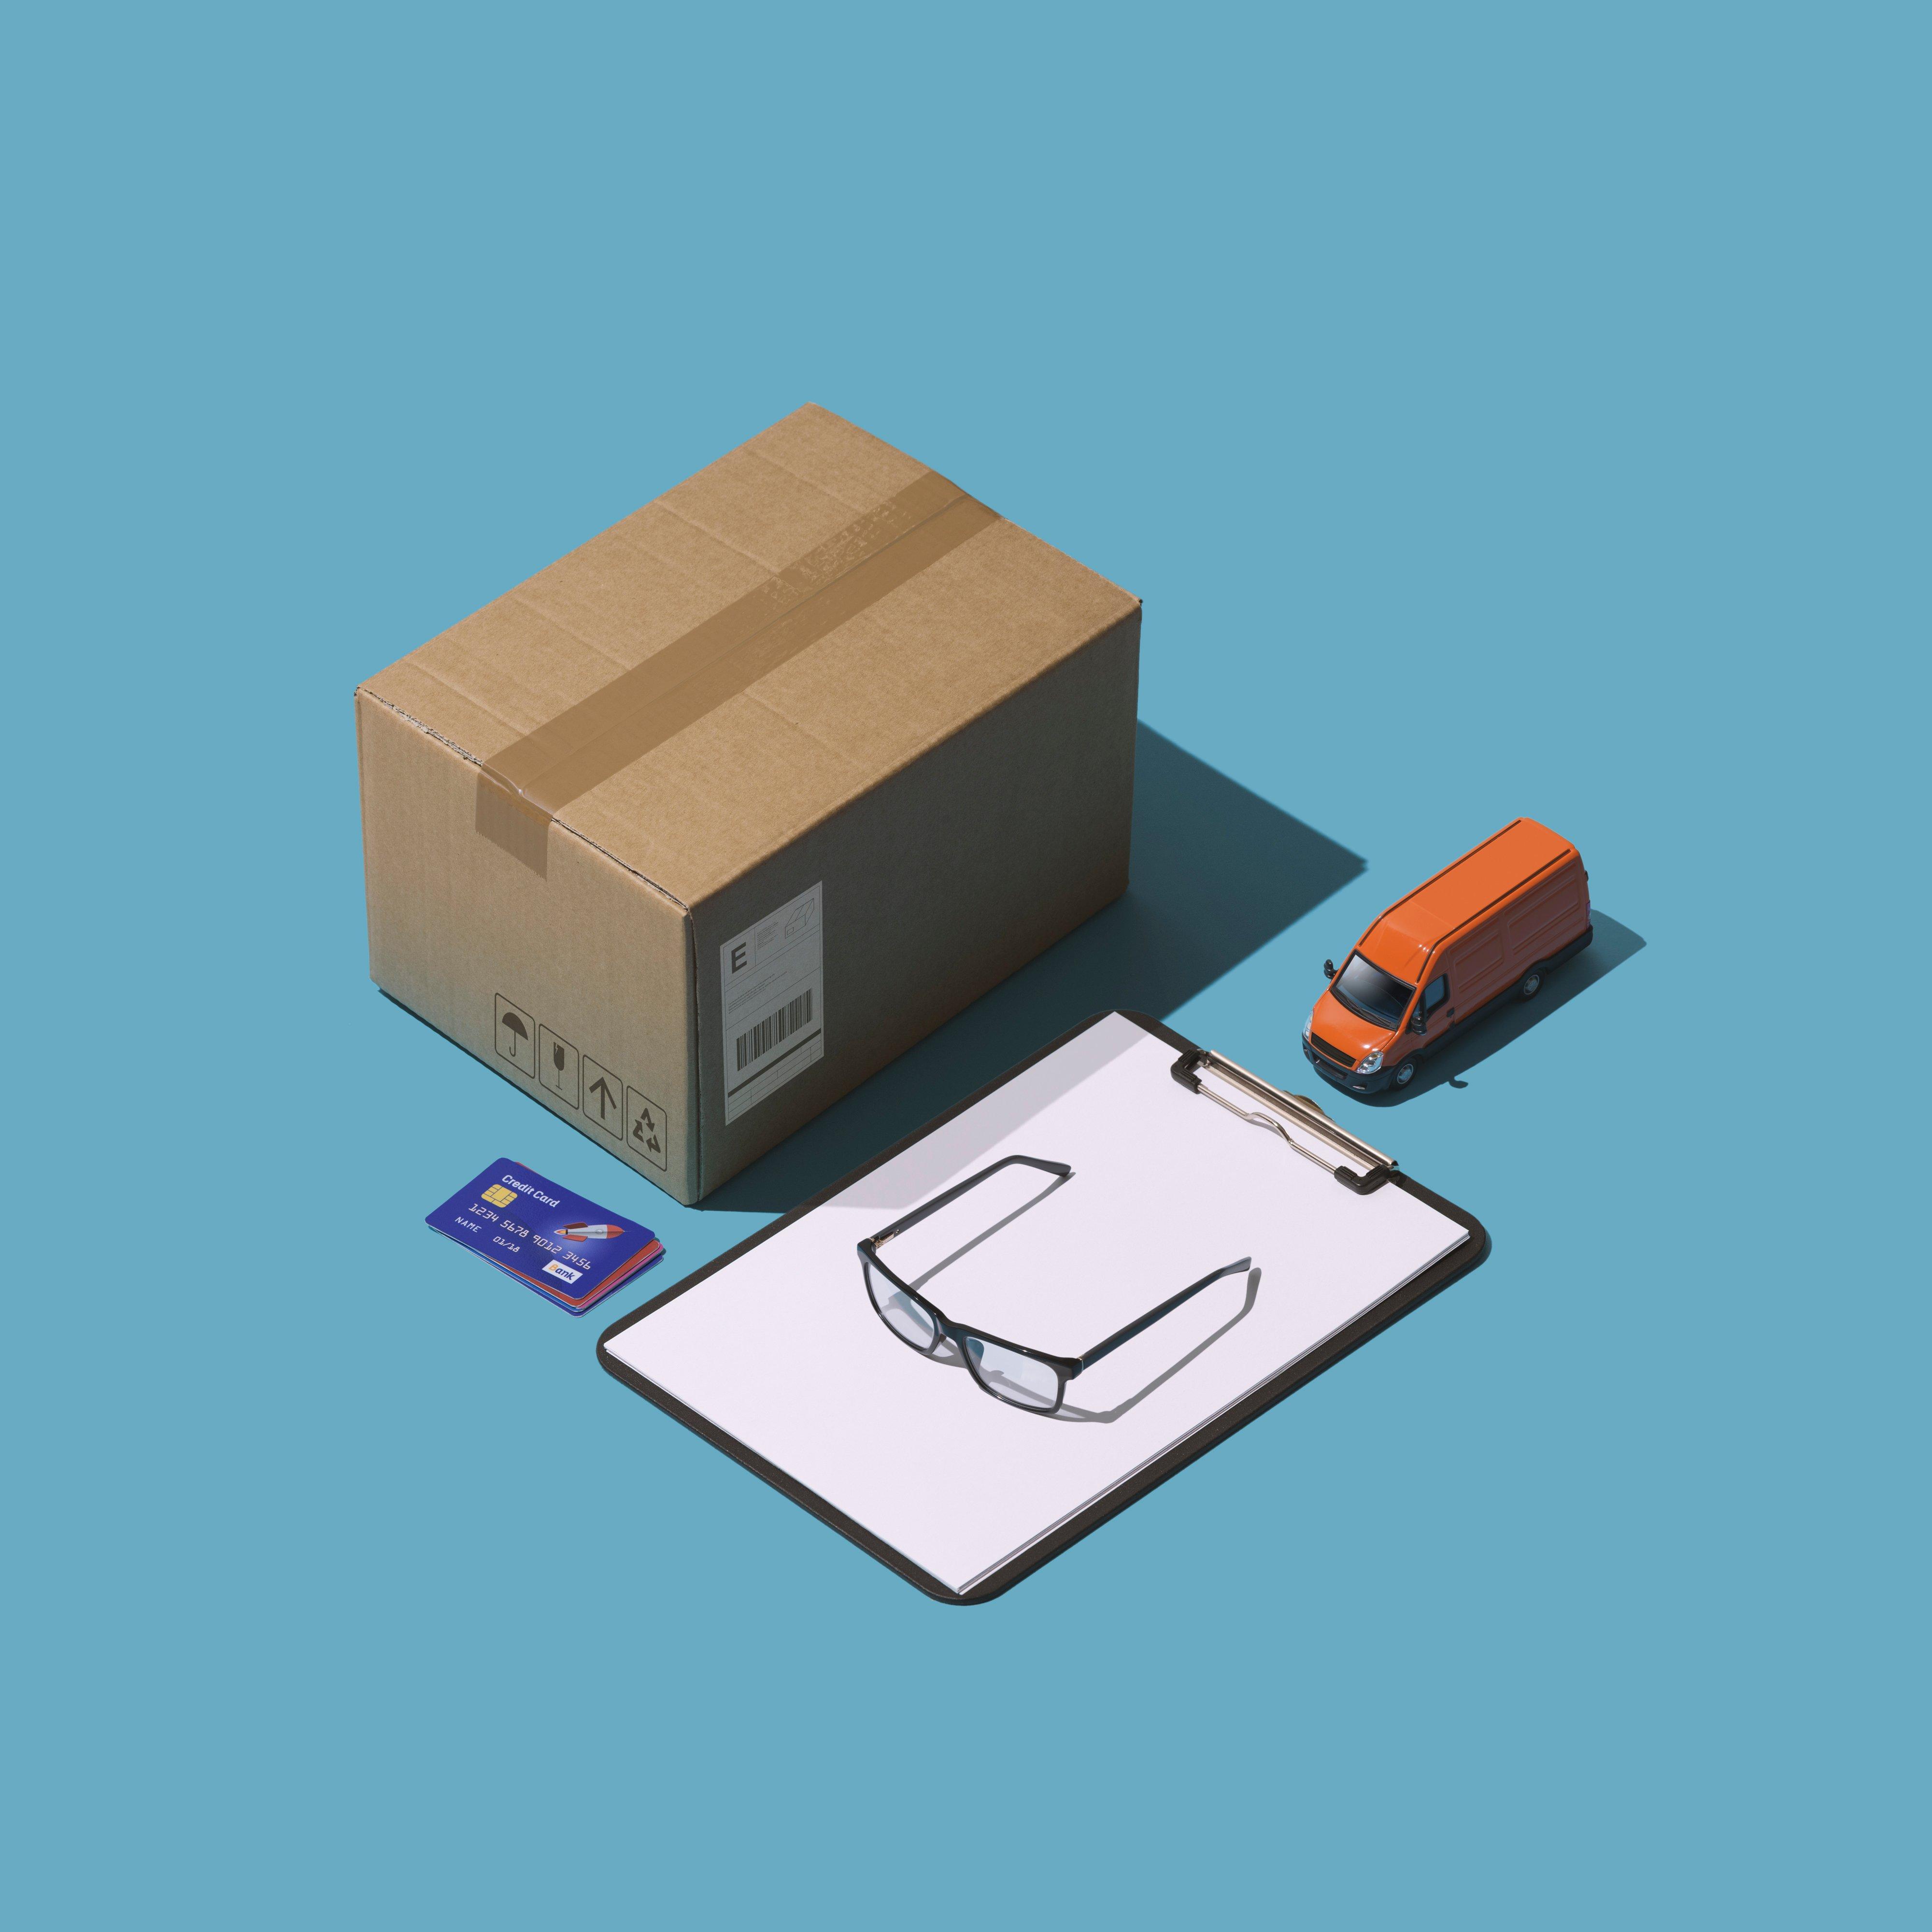 express-delivery-service-VGU6BTA